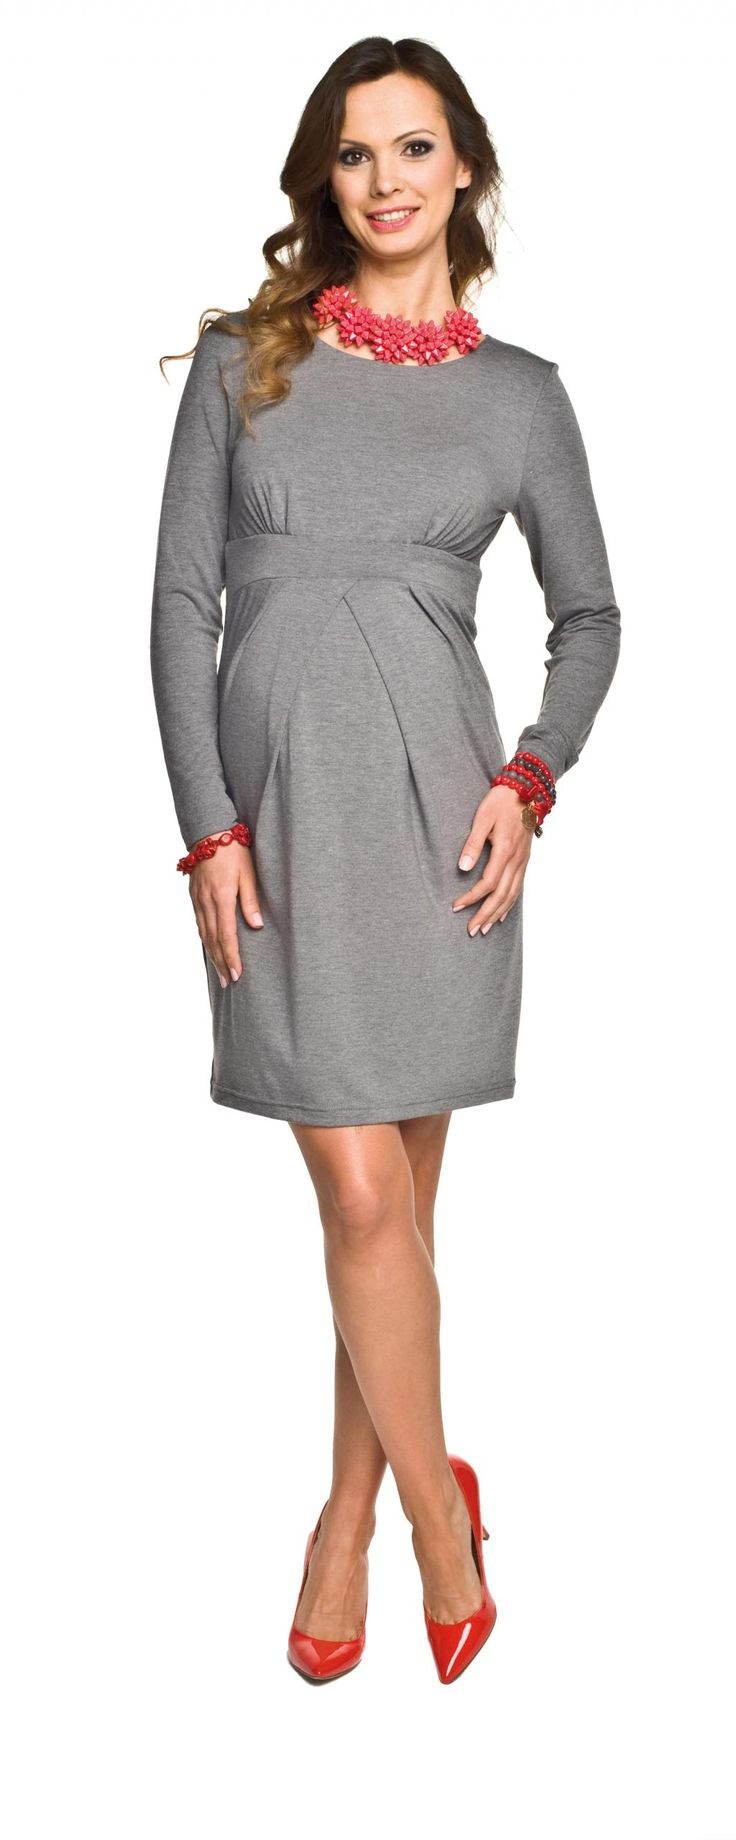 Těhotenské šaty Sesile :: Těhotenské šaty - Těhotenská móda